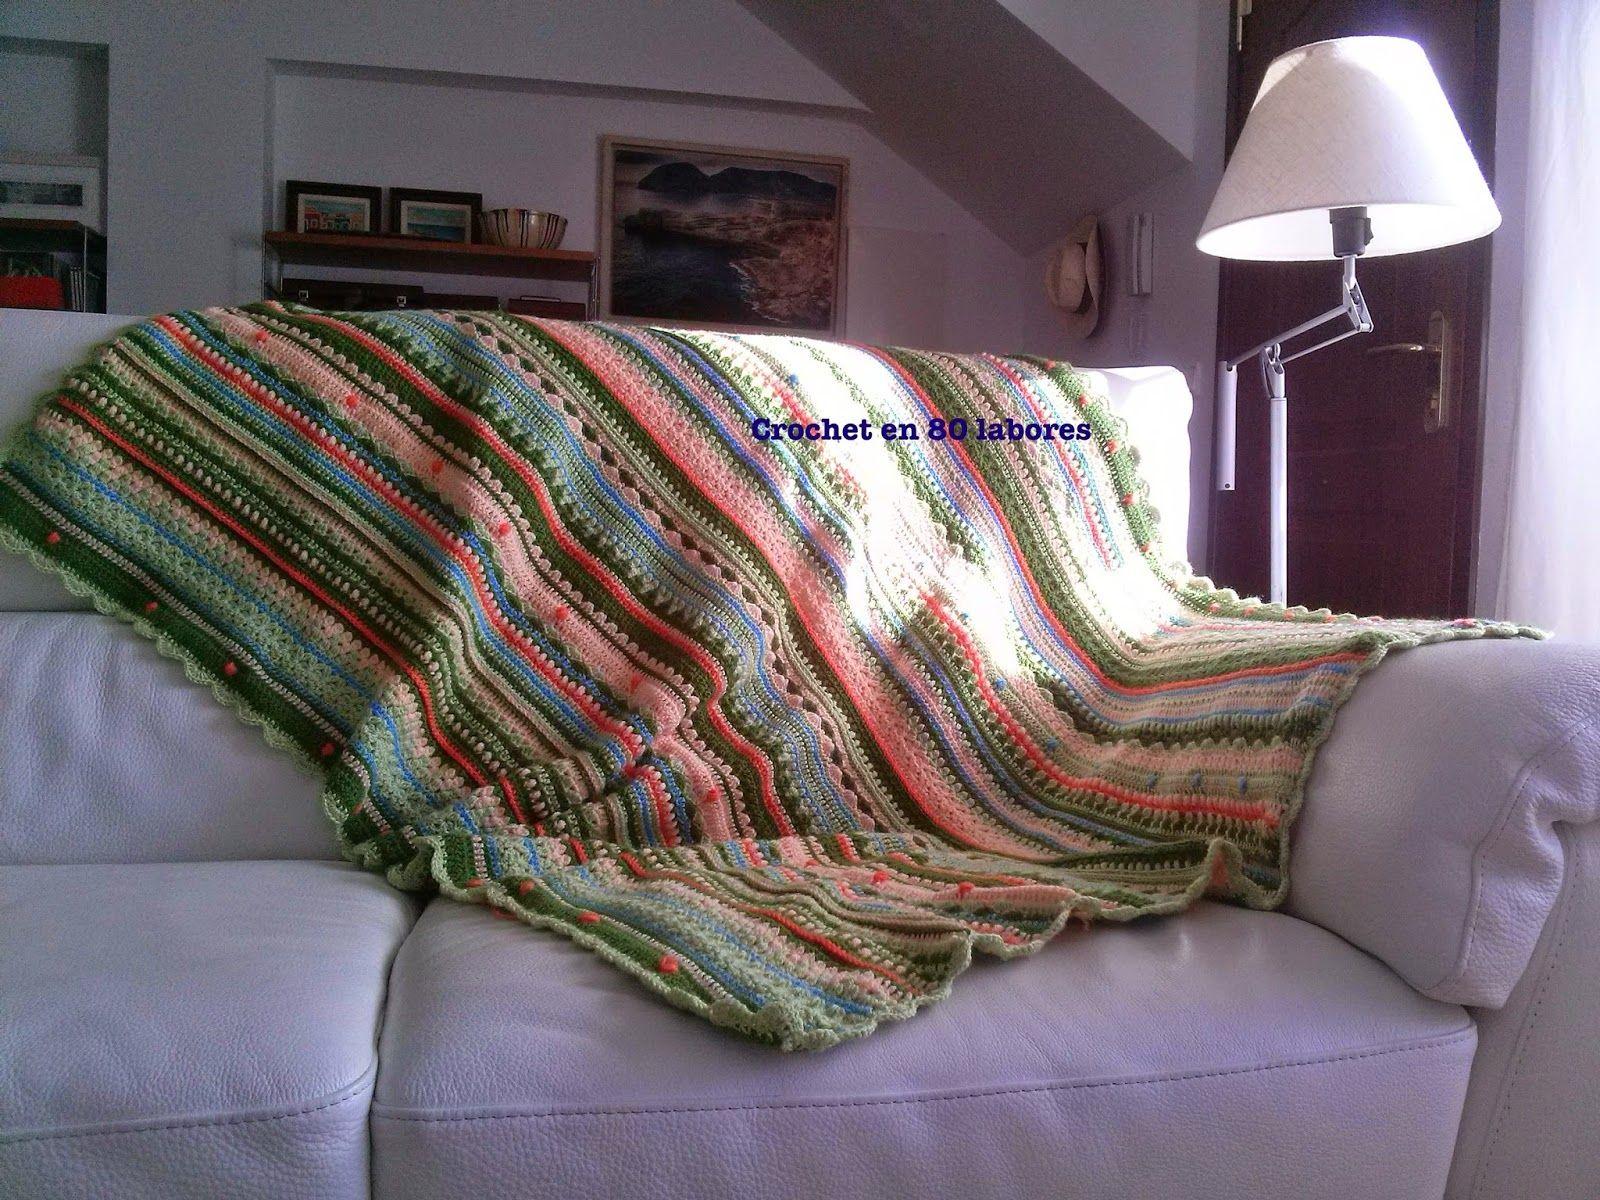 Crochet en 80 labores ideas para una manta de sof - Manta para sofa ...